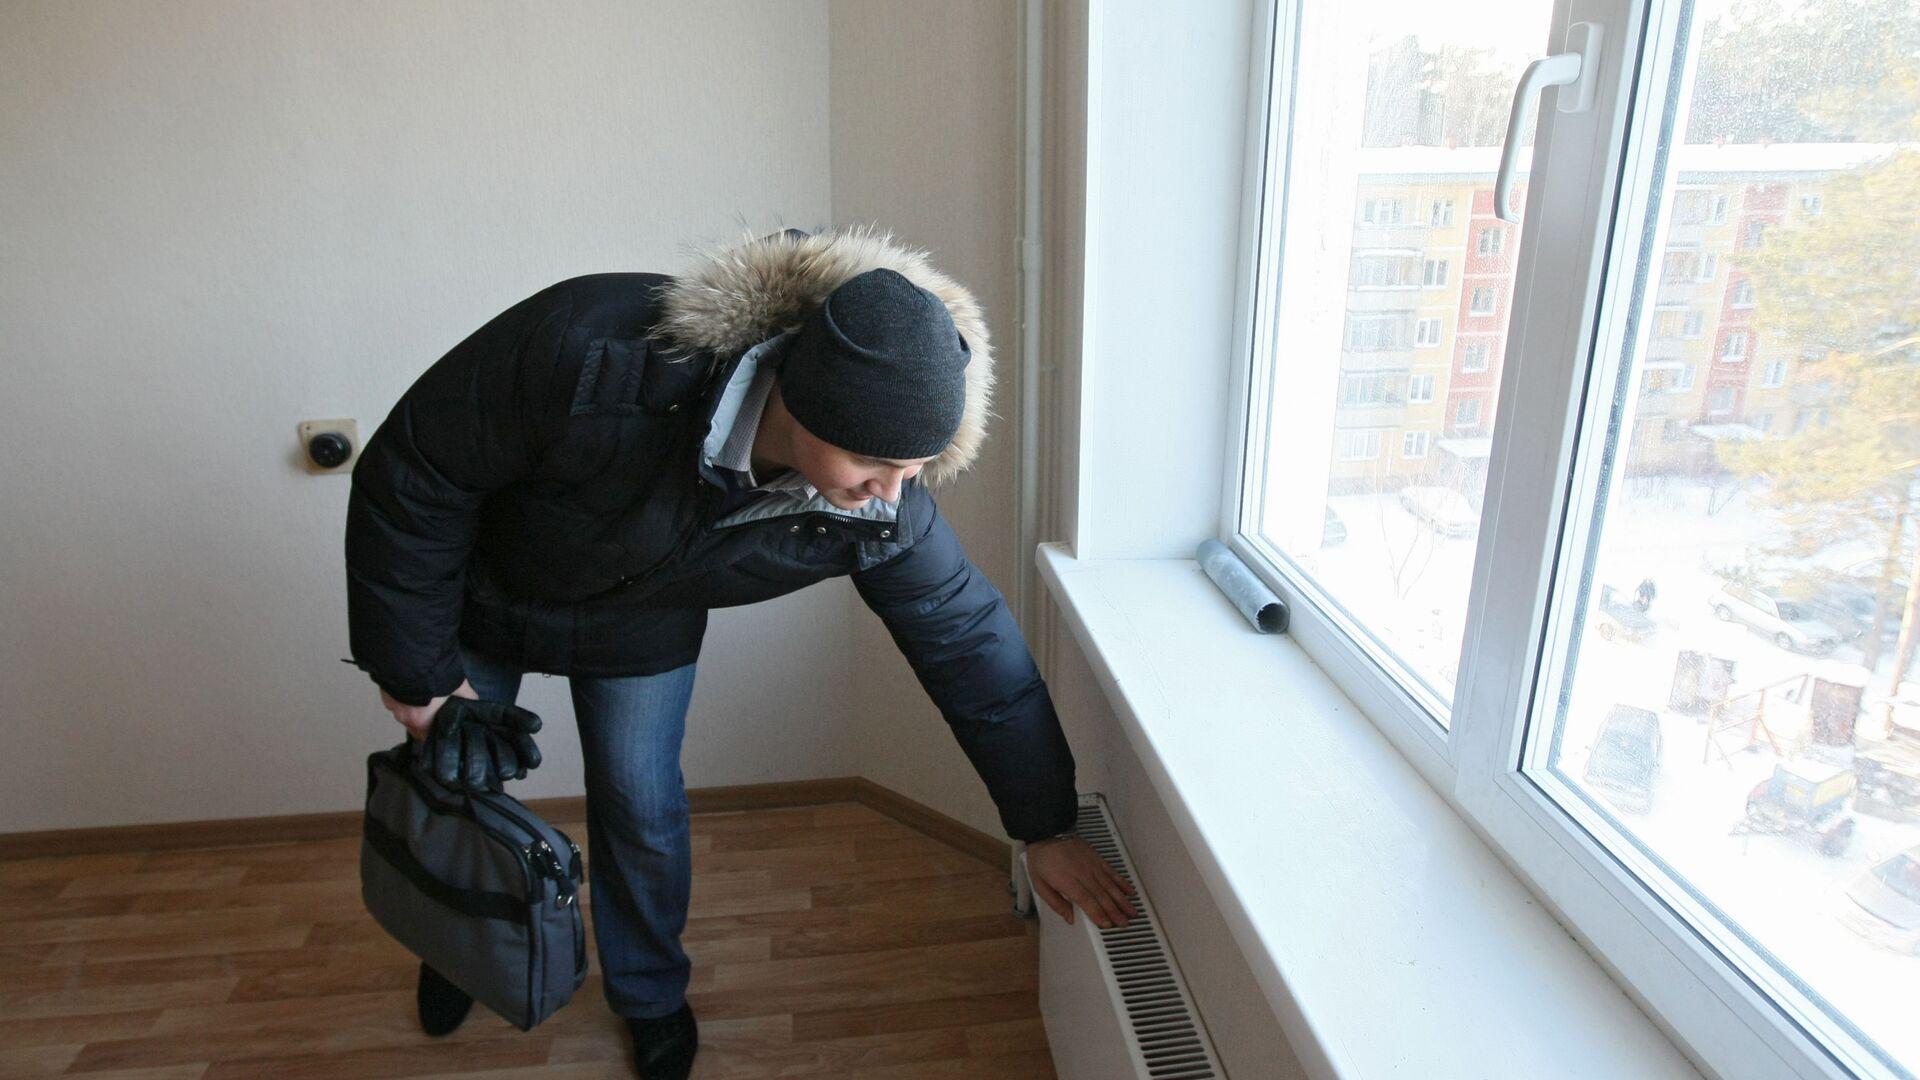 Мужчина проверяет систему отопления - Sputnik Латвия, 1920, 17.02.2021